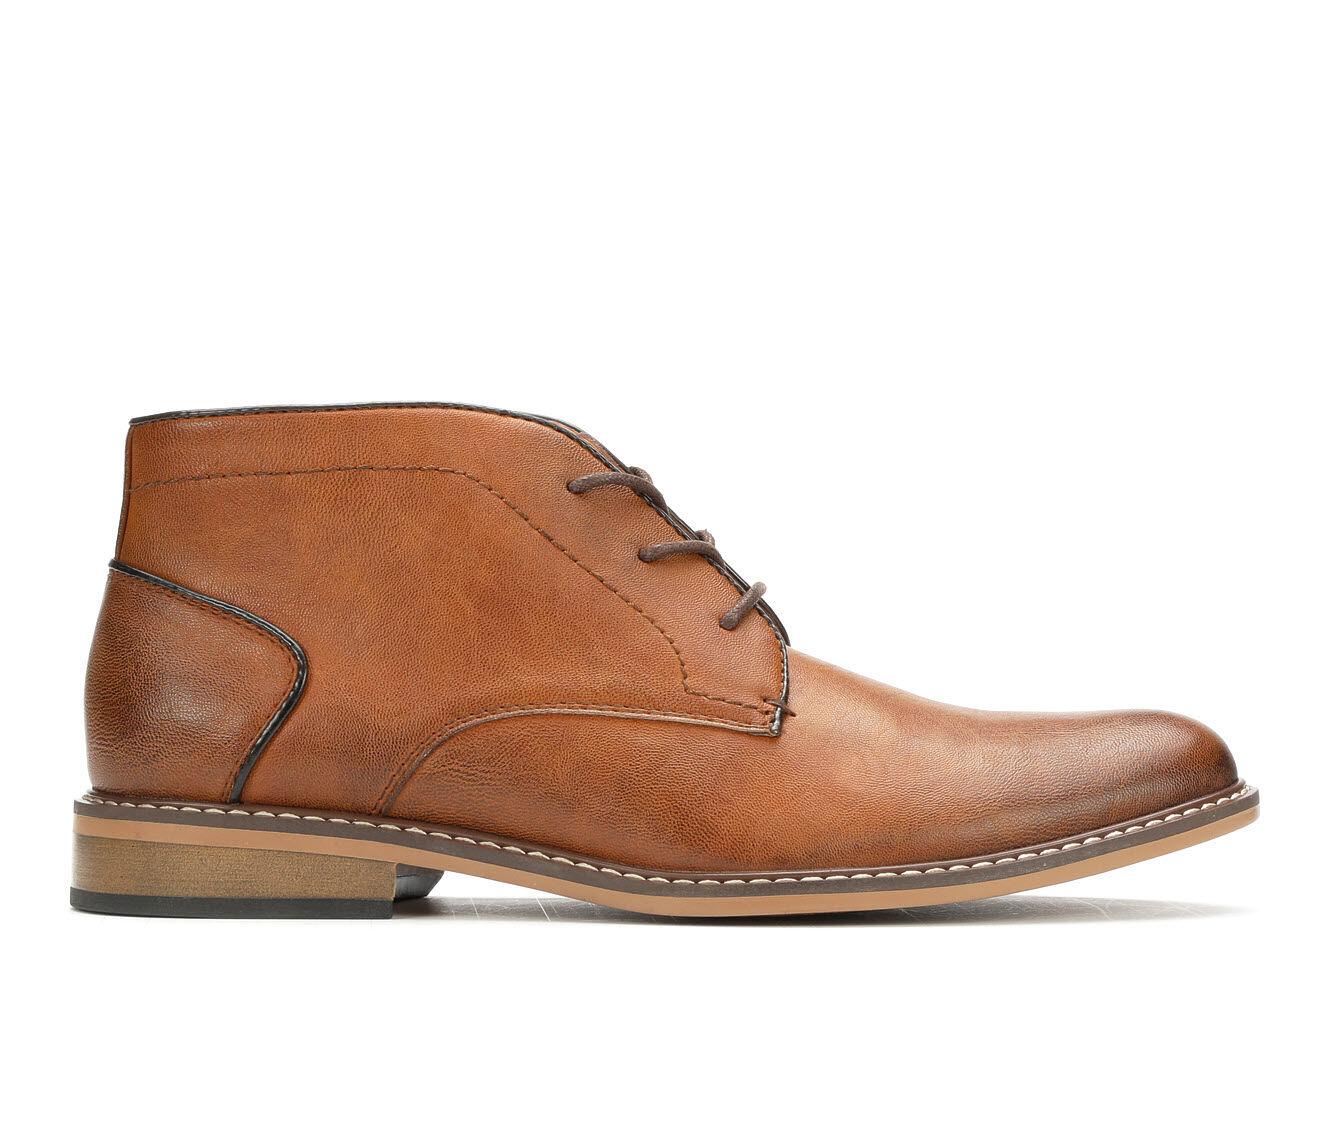 Men's Madden Alakk Chukka Boots buy cheap excellent zq8DeE